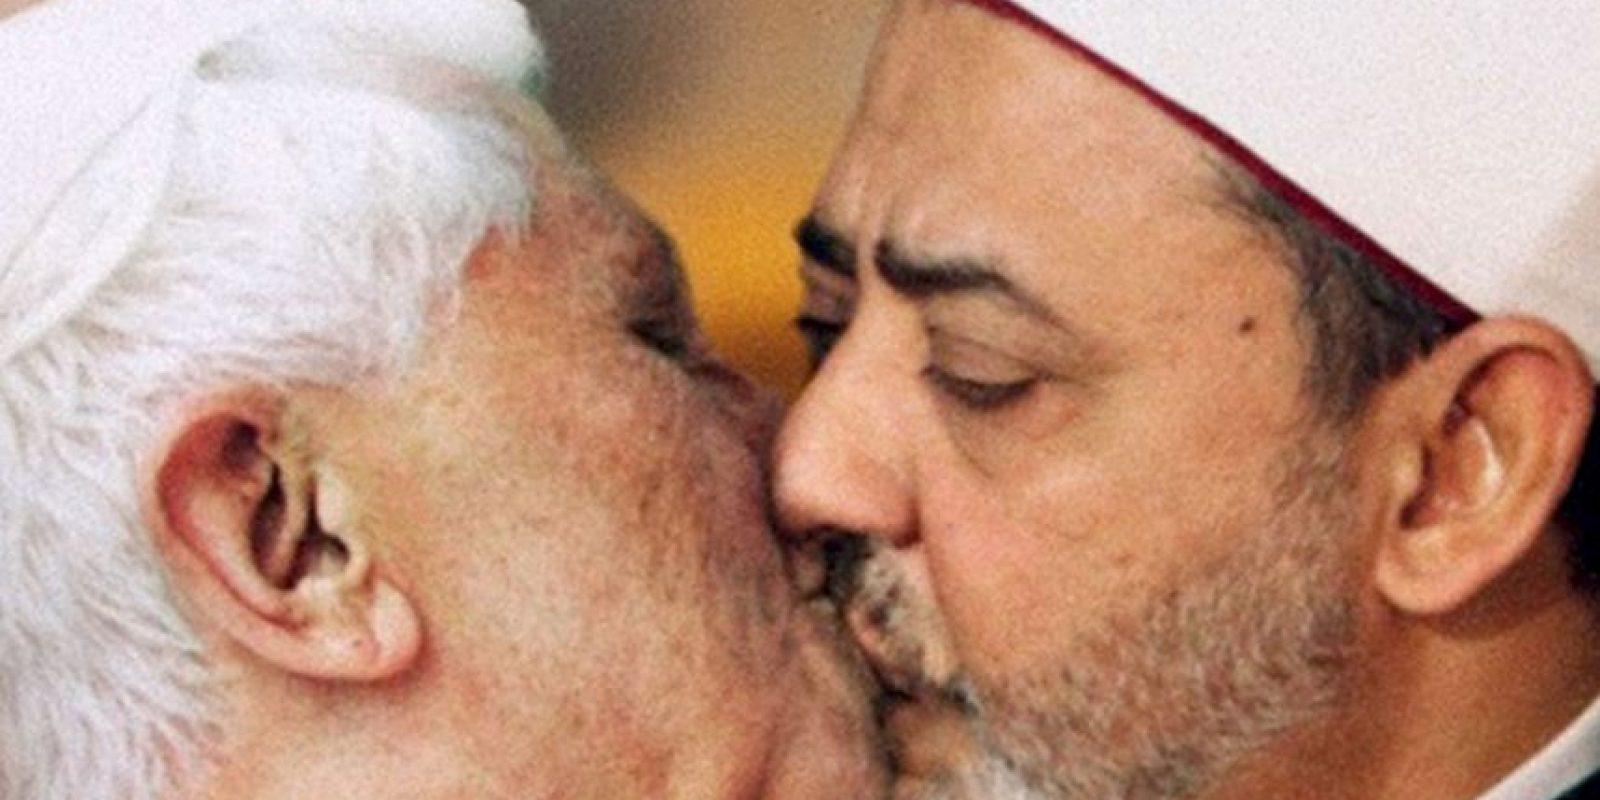 Tuvo que quitar el anuncio que provocó tanta ira del Vaticano. Foto:Benetton